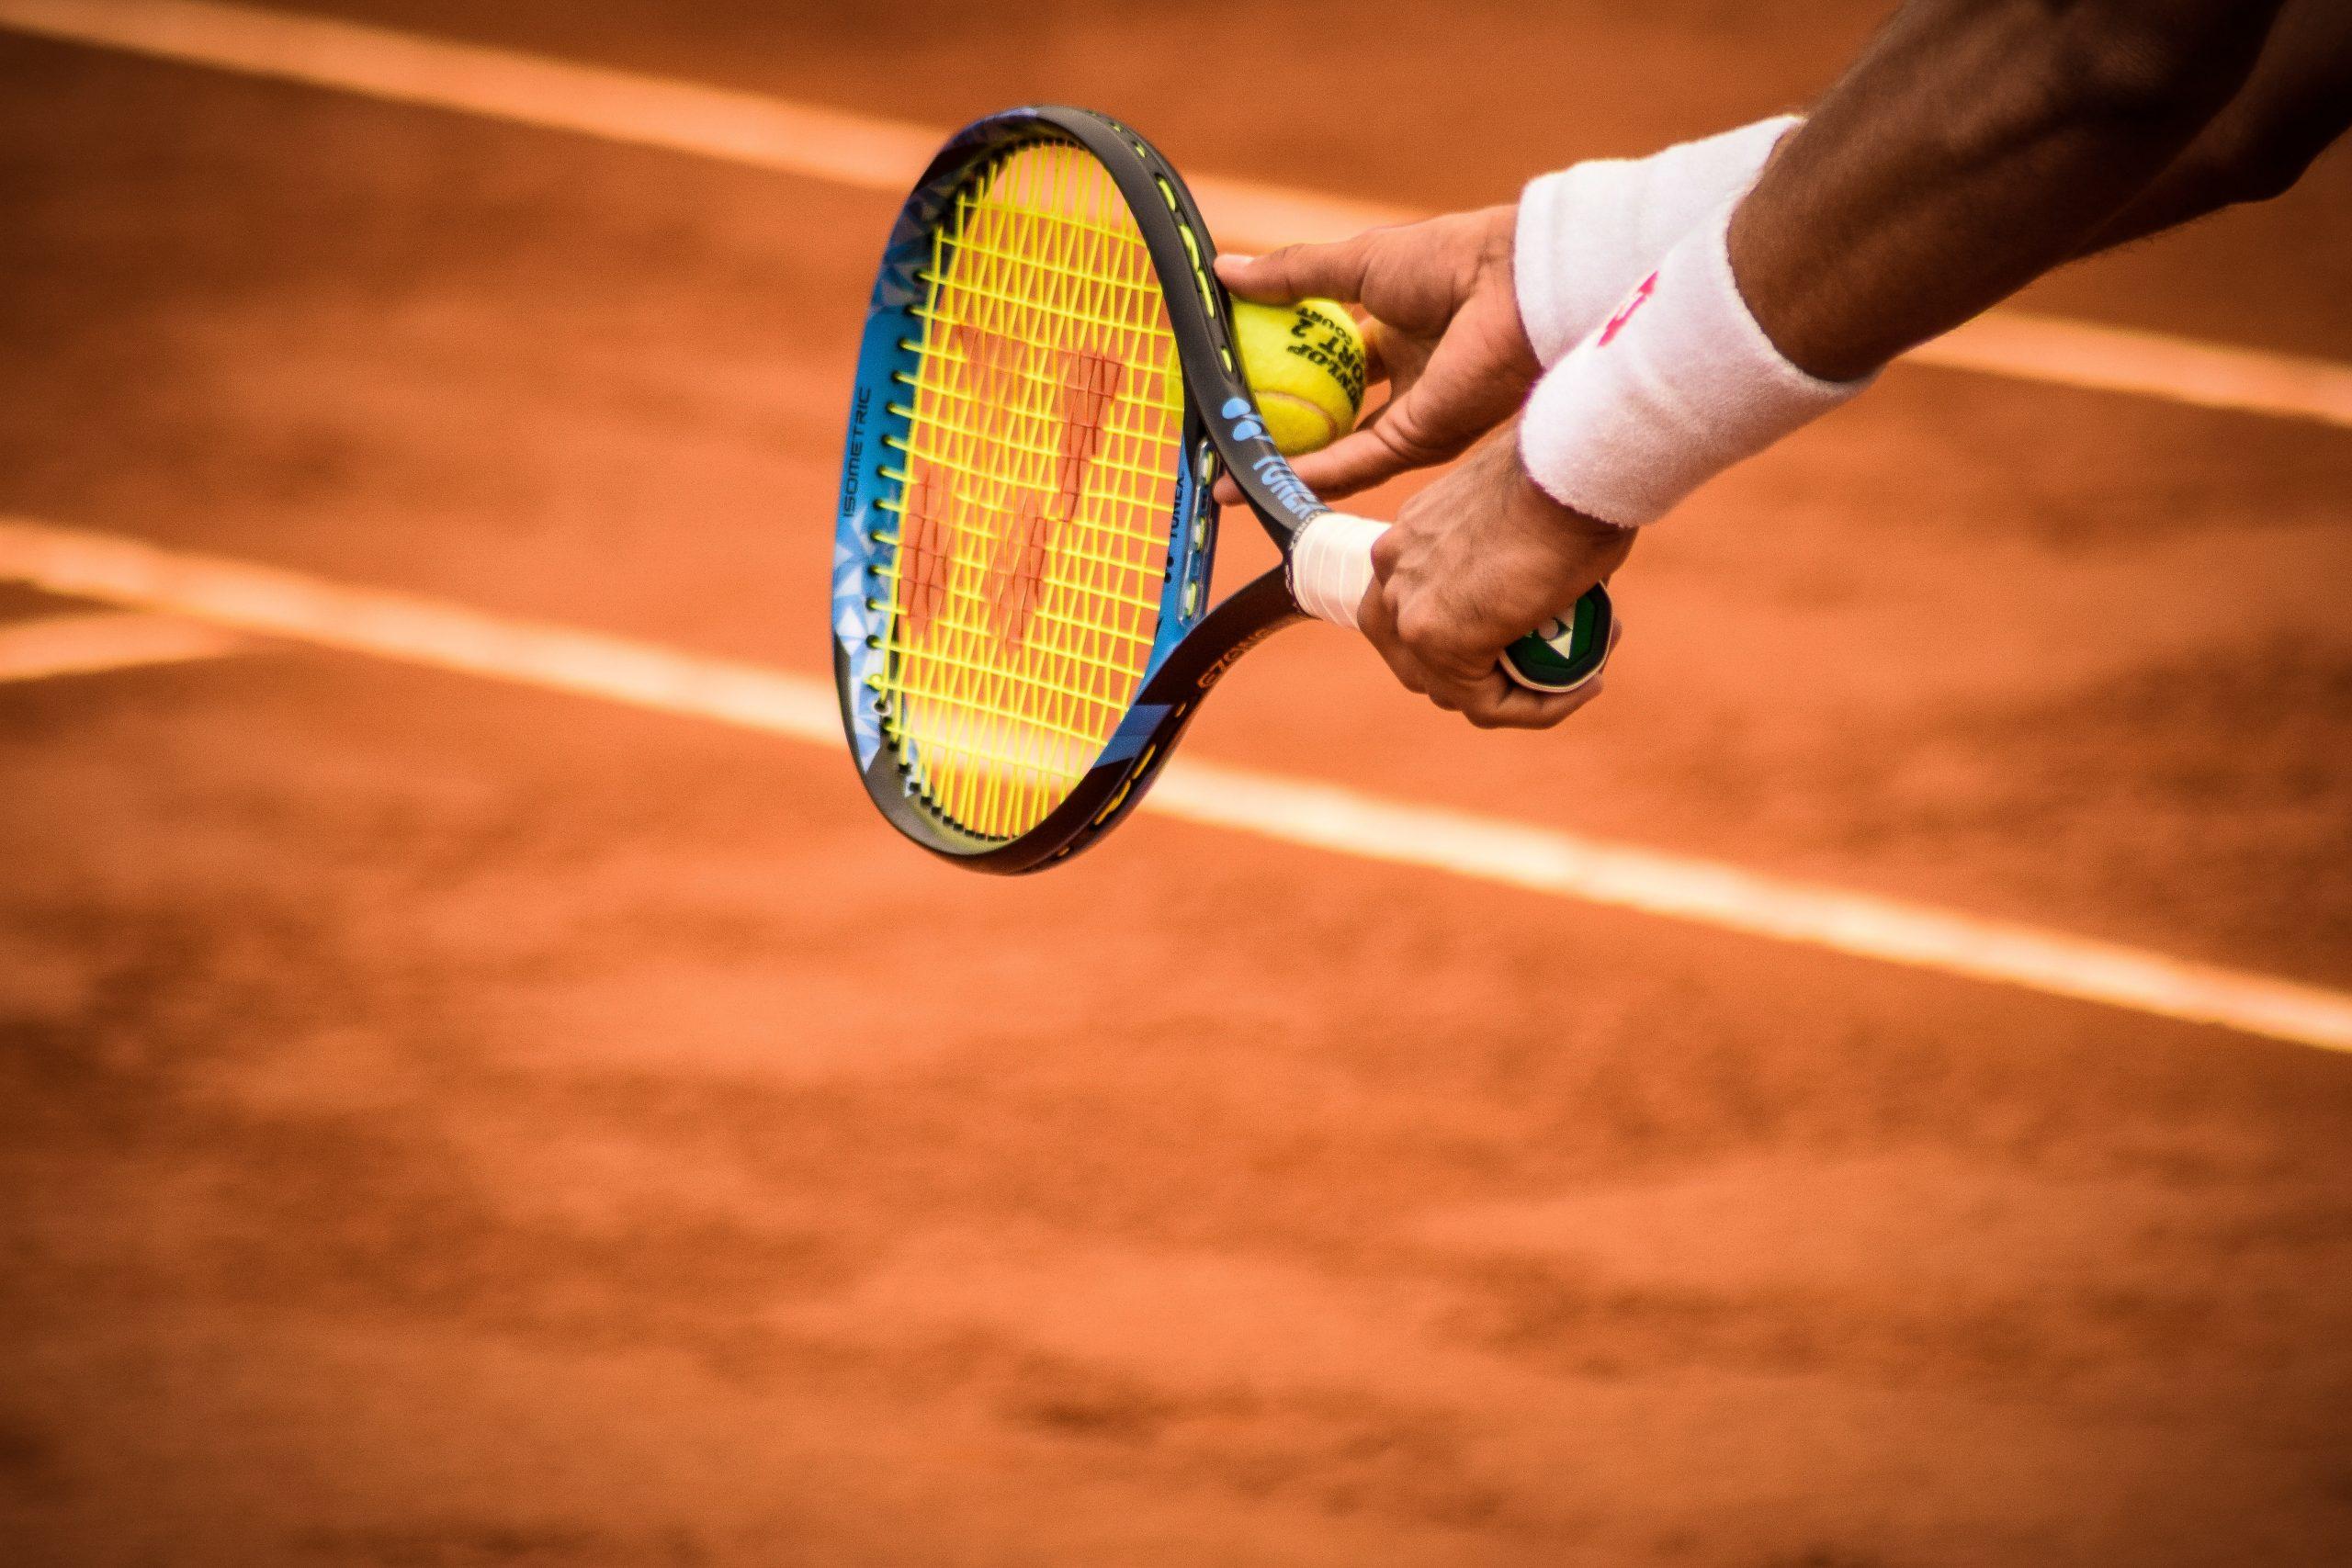 Pessoa jogando tênis segurando raquete e bolinha